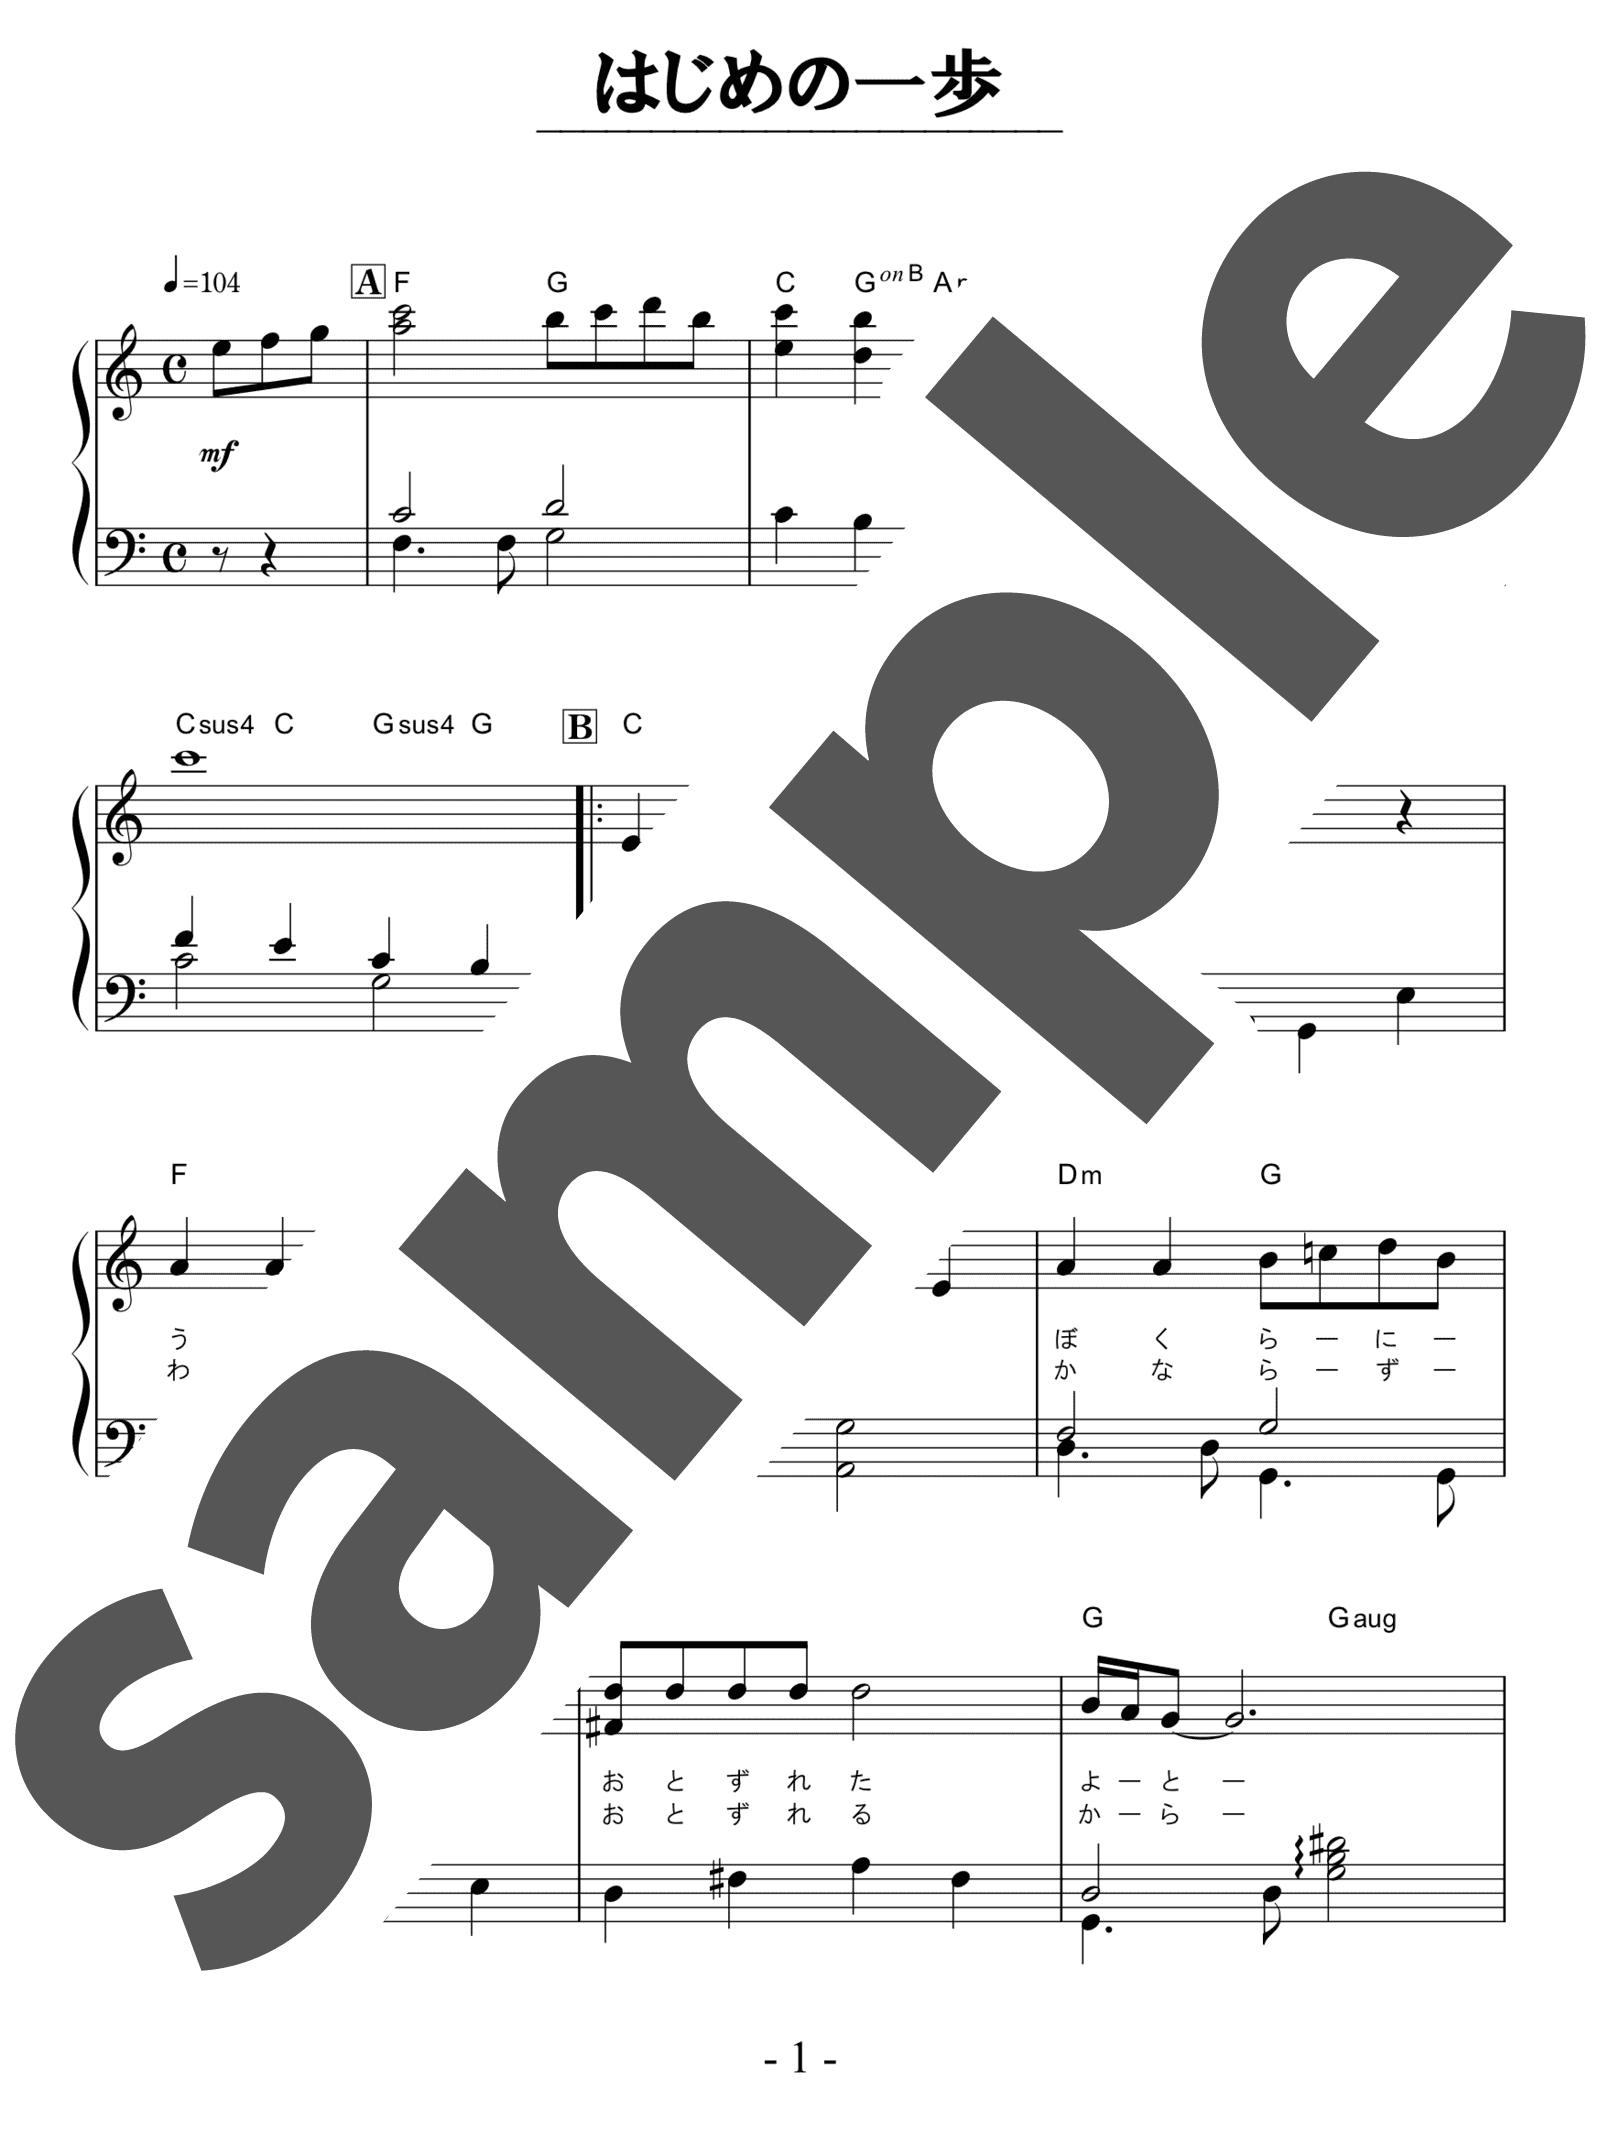 「はじめの一歩」のサンプル楽譜